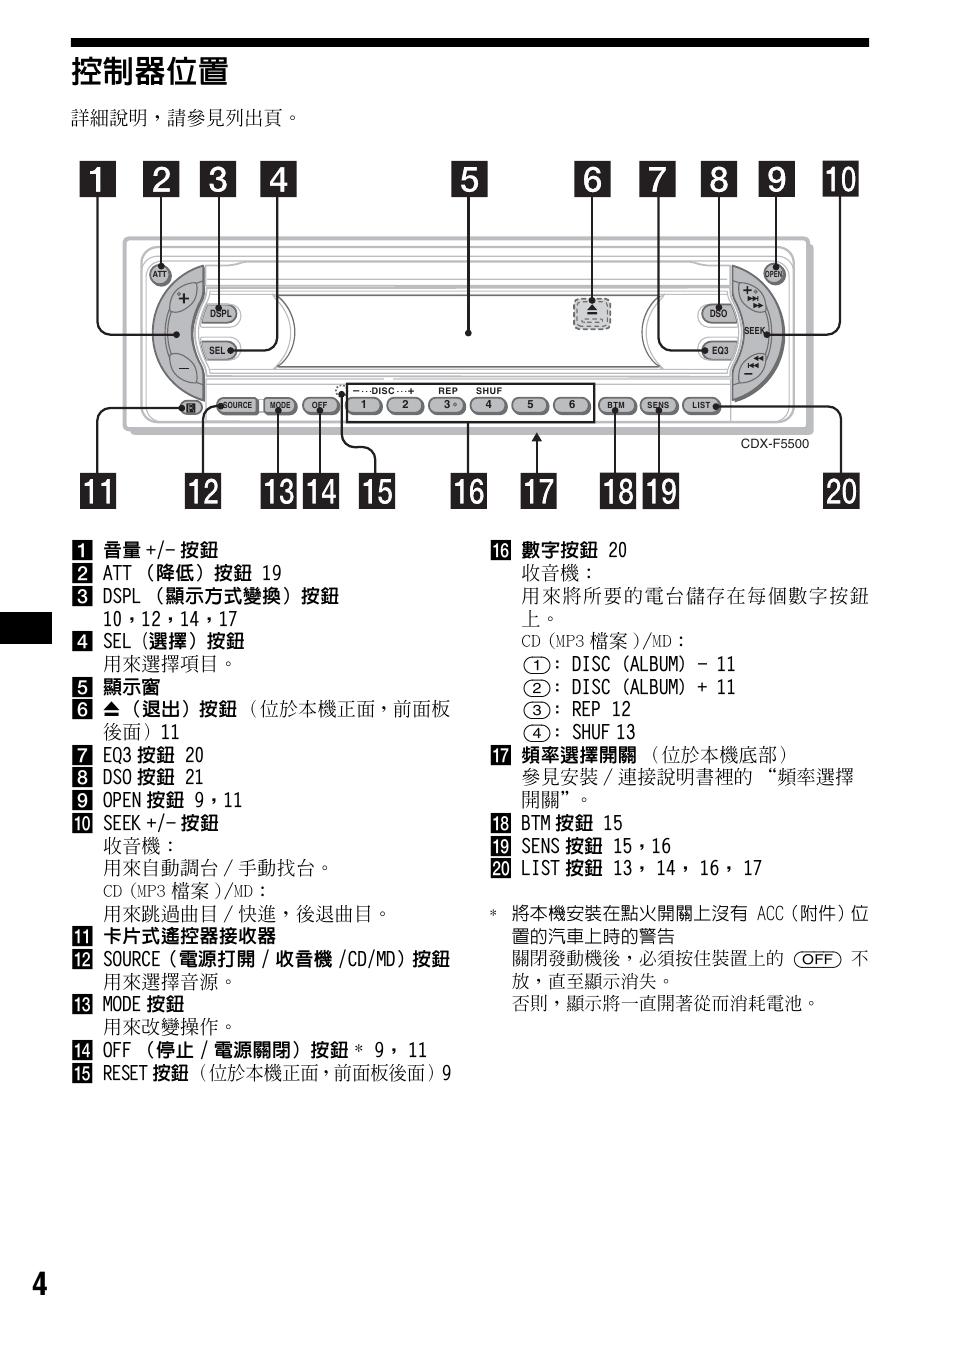 Sony Cdx F5500 Wiring Diagram   Wiring Liry Radio Wiring Diagram For Sony Cdx Fw on sony cdx-gt700hd, sony wiring harness colors, sony wire harness color codes, sony dvd wiring, sony m 610 wiring harness diagram, sony gt340 diagram, sony faceplate cd player cdx-gt, sony head unit wiring diagram, sony xplod car stereo, sony receiver wiring diagram, sony radio cdx-gt565up, sony stereo wire harness diagram, sony vaio laptop parts diagram, sony mex bt38uw, sony computer wiring, sony xav 61, sony cdx-gt57up ignition wire, sony xplod cdx-gt520, sony gt540ui no illumination wire, sony radio remote wire on blue,